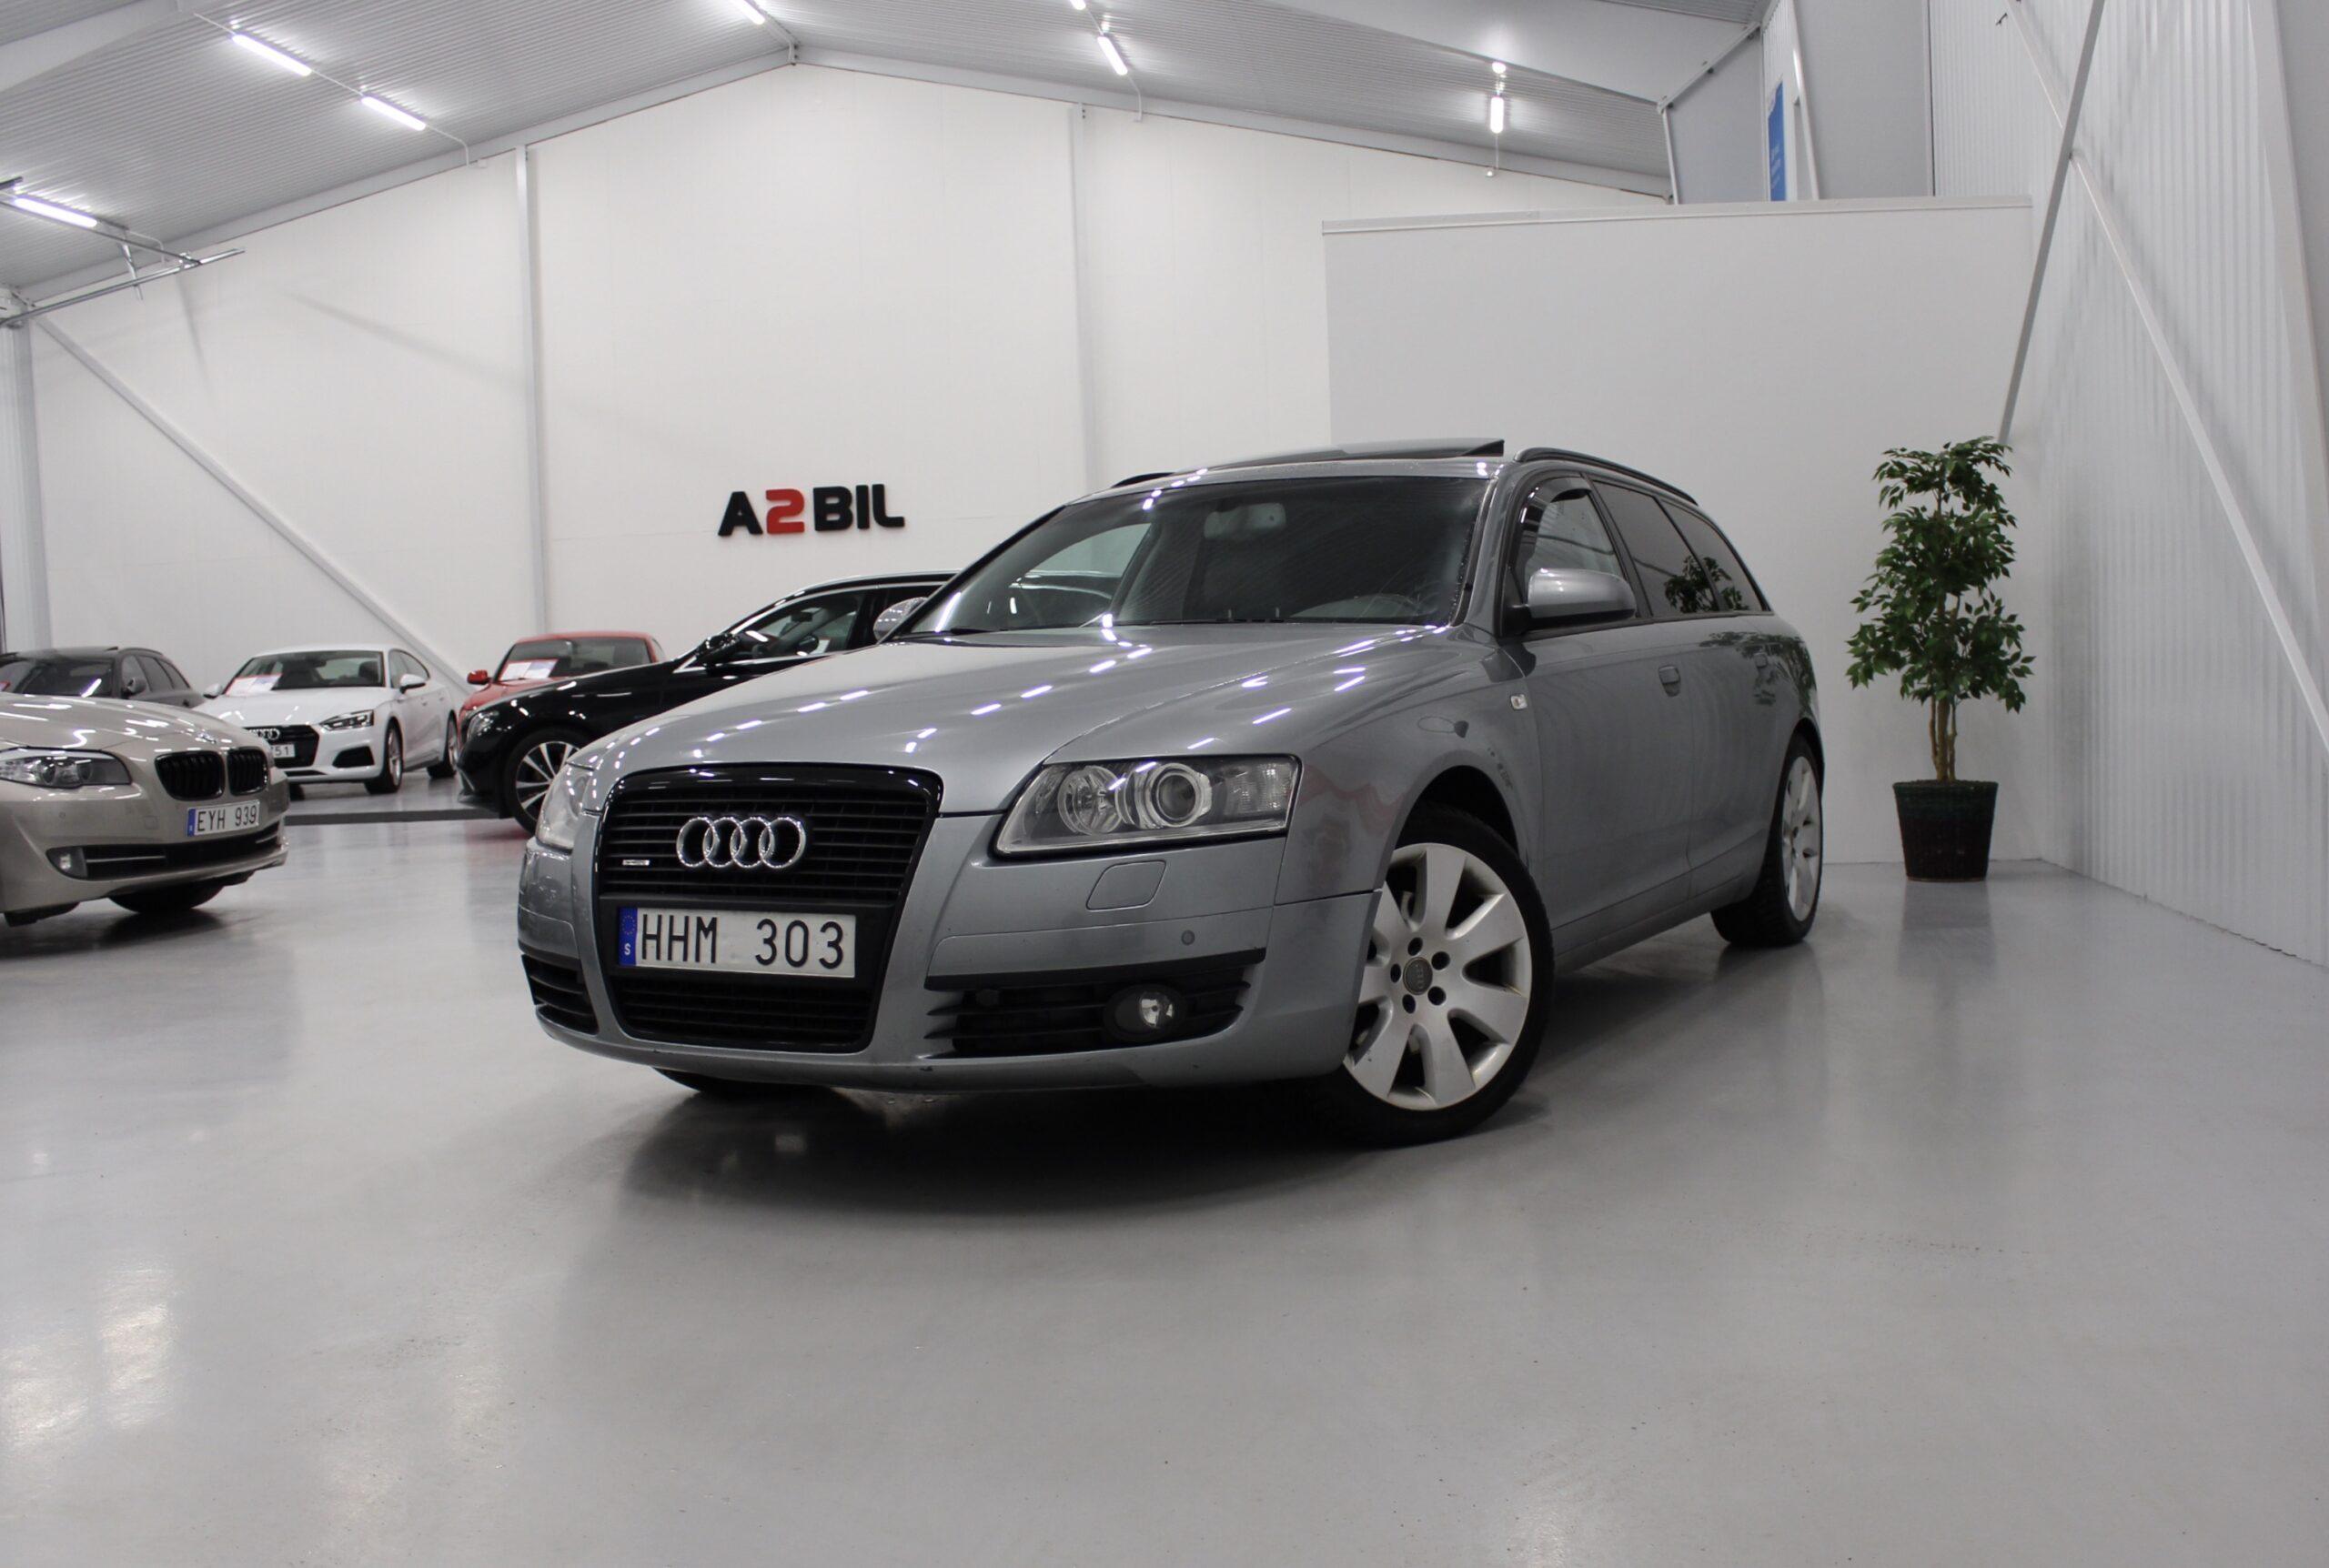 Audi A6 Avant 3.0 TDI V6 quattro TipTronic Proline 233hk